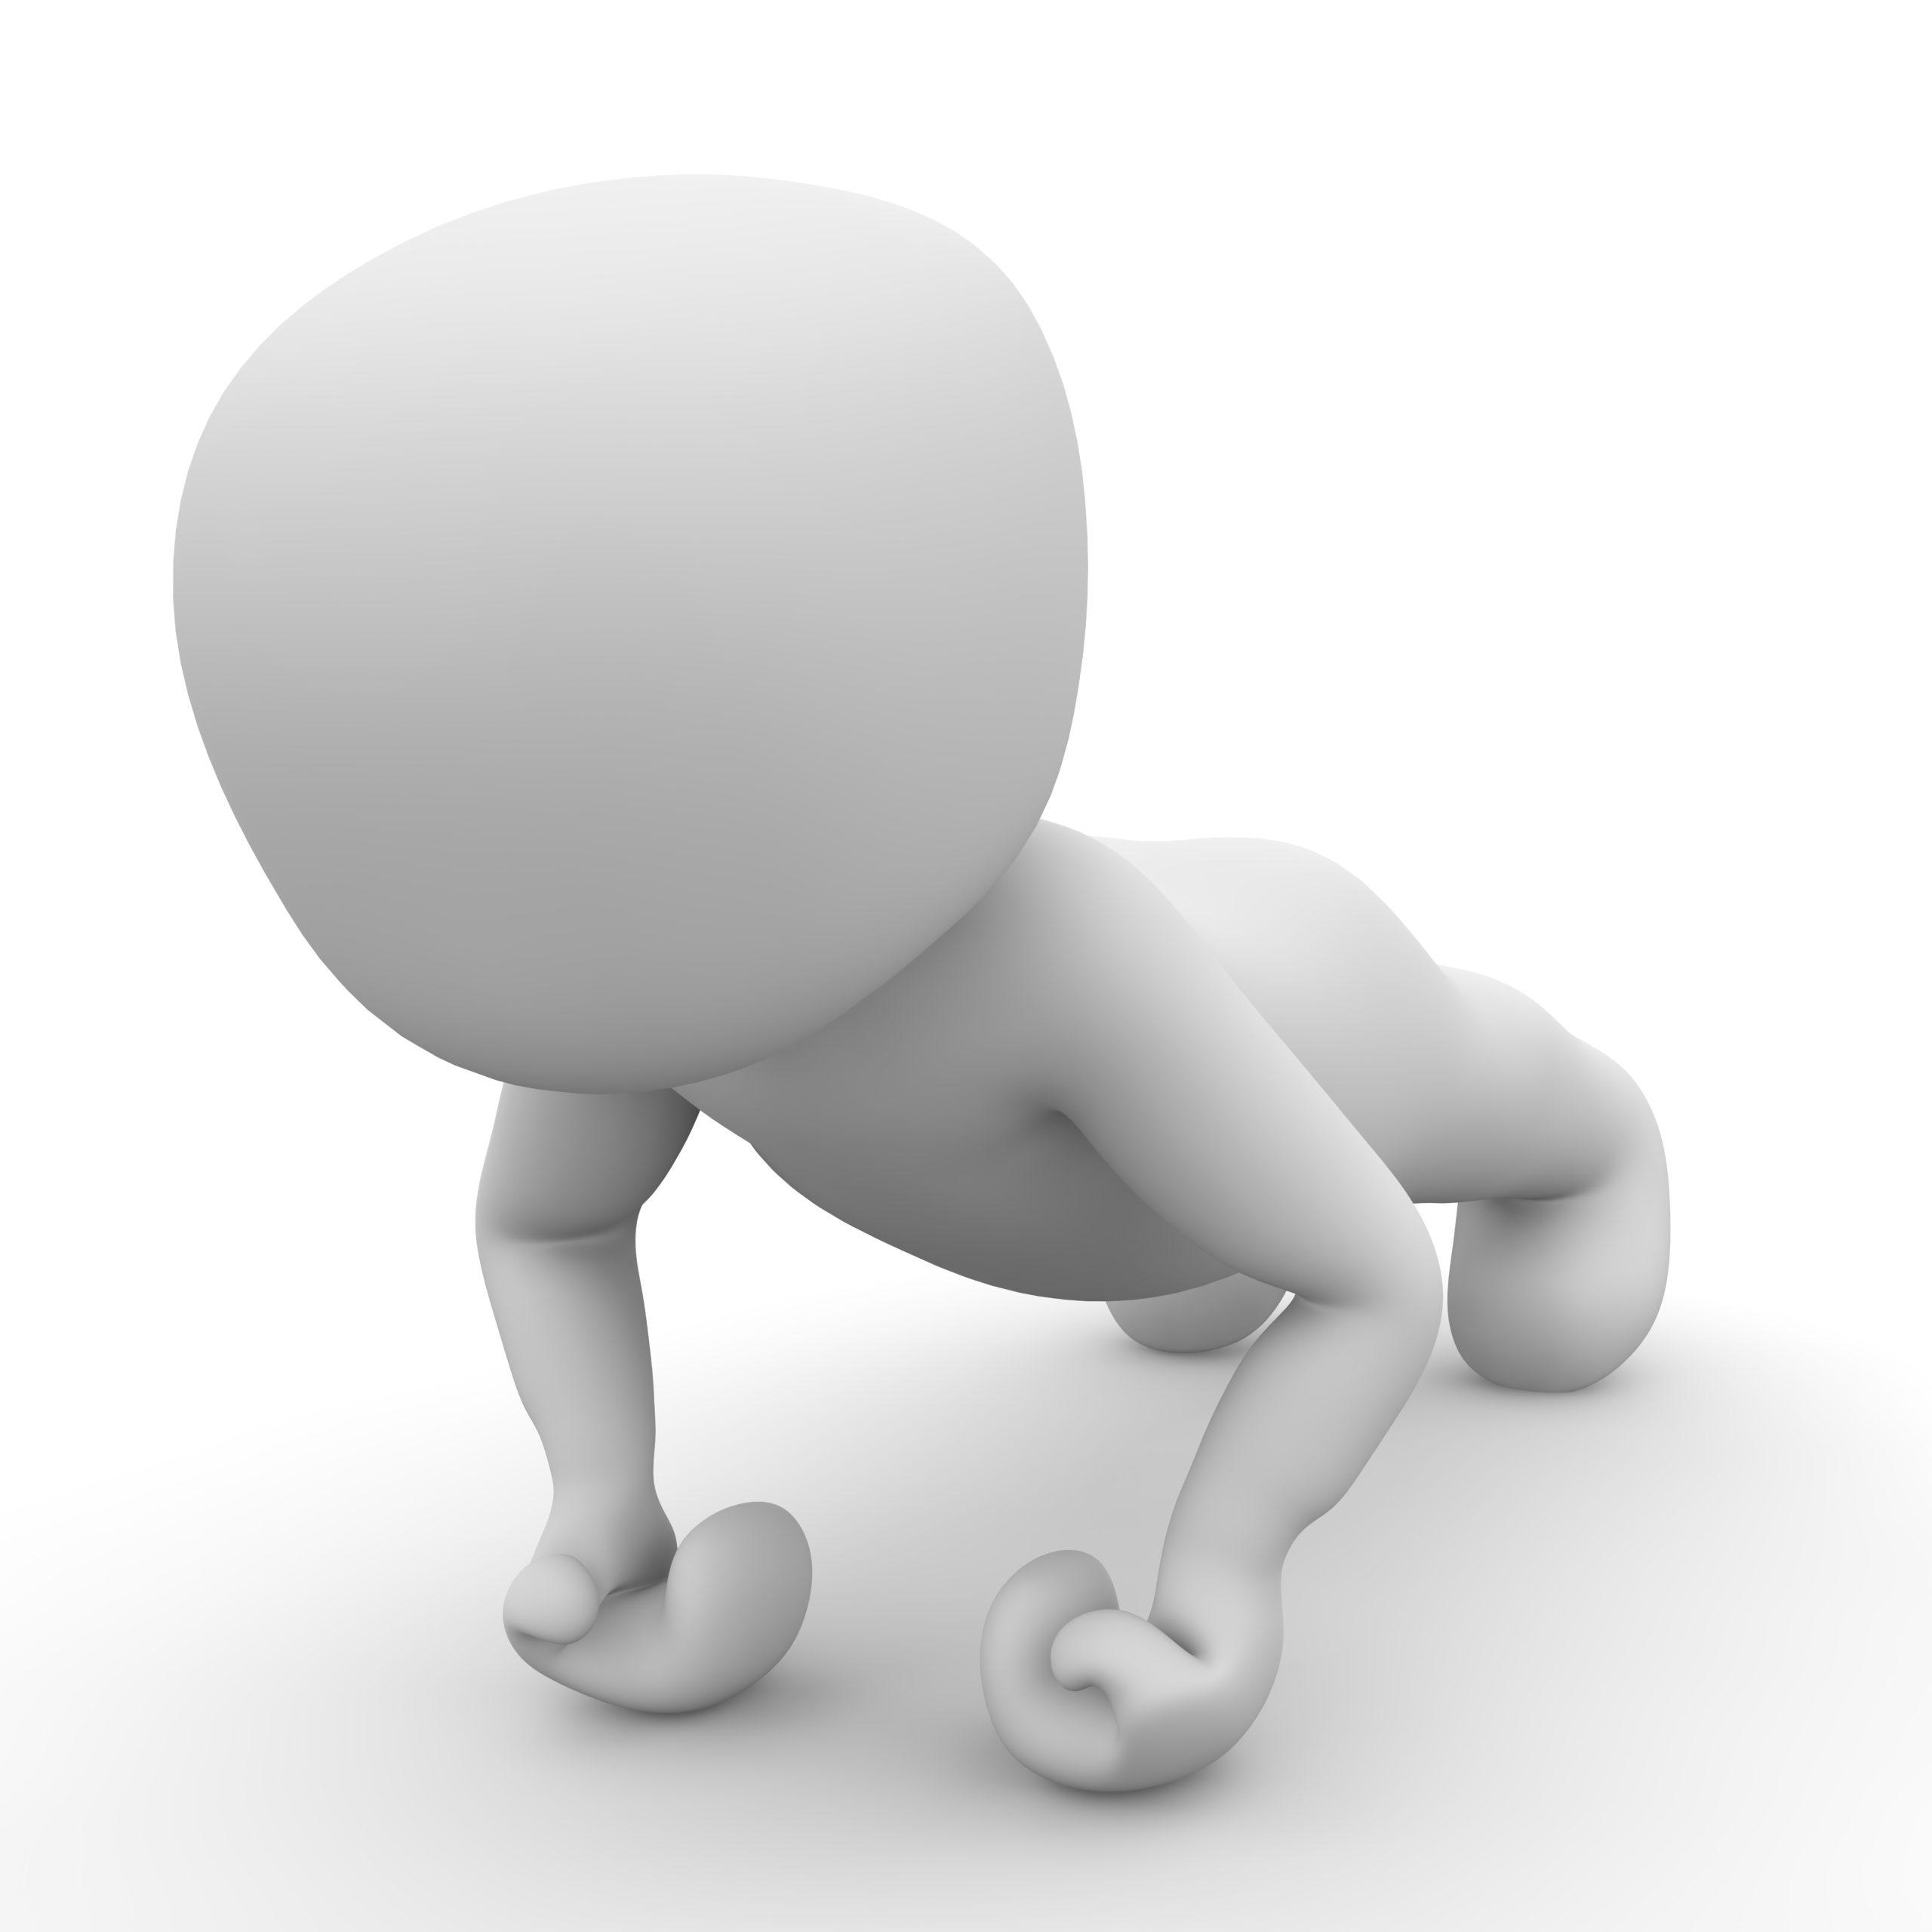 Bild eines Dummies, das Liegestütze macht, als Symbol für das Training